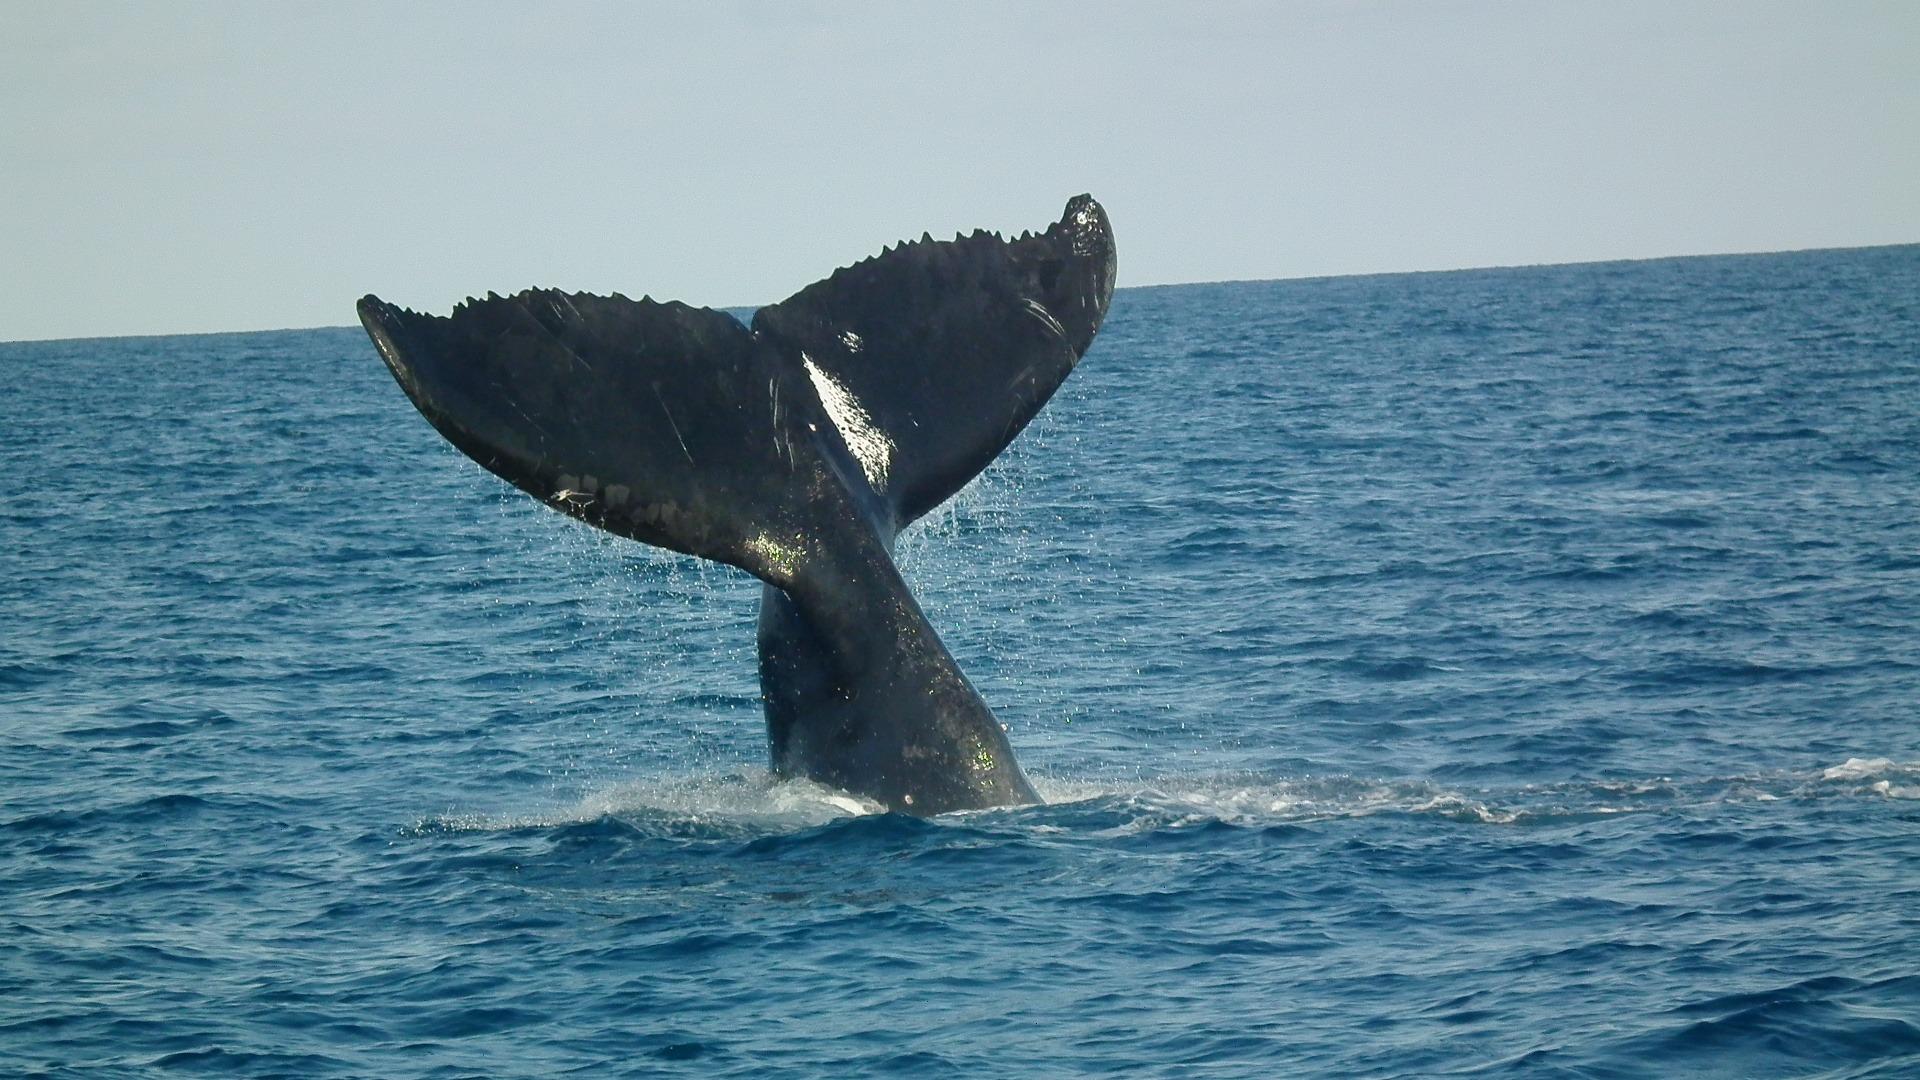 haai.valt walvis aan